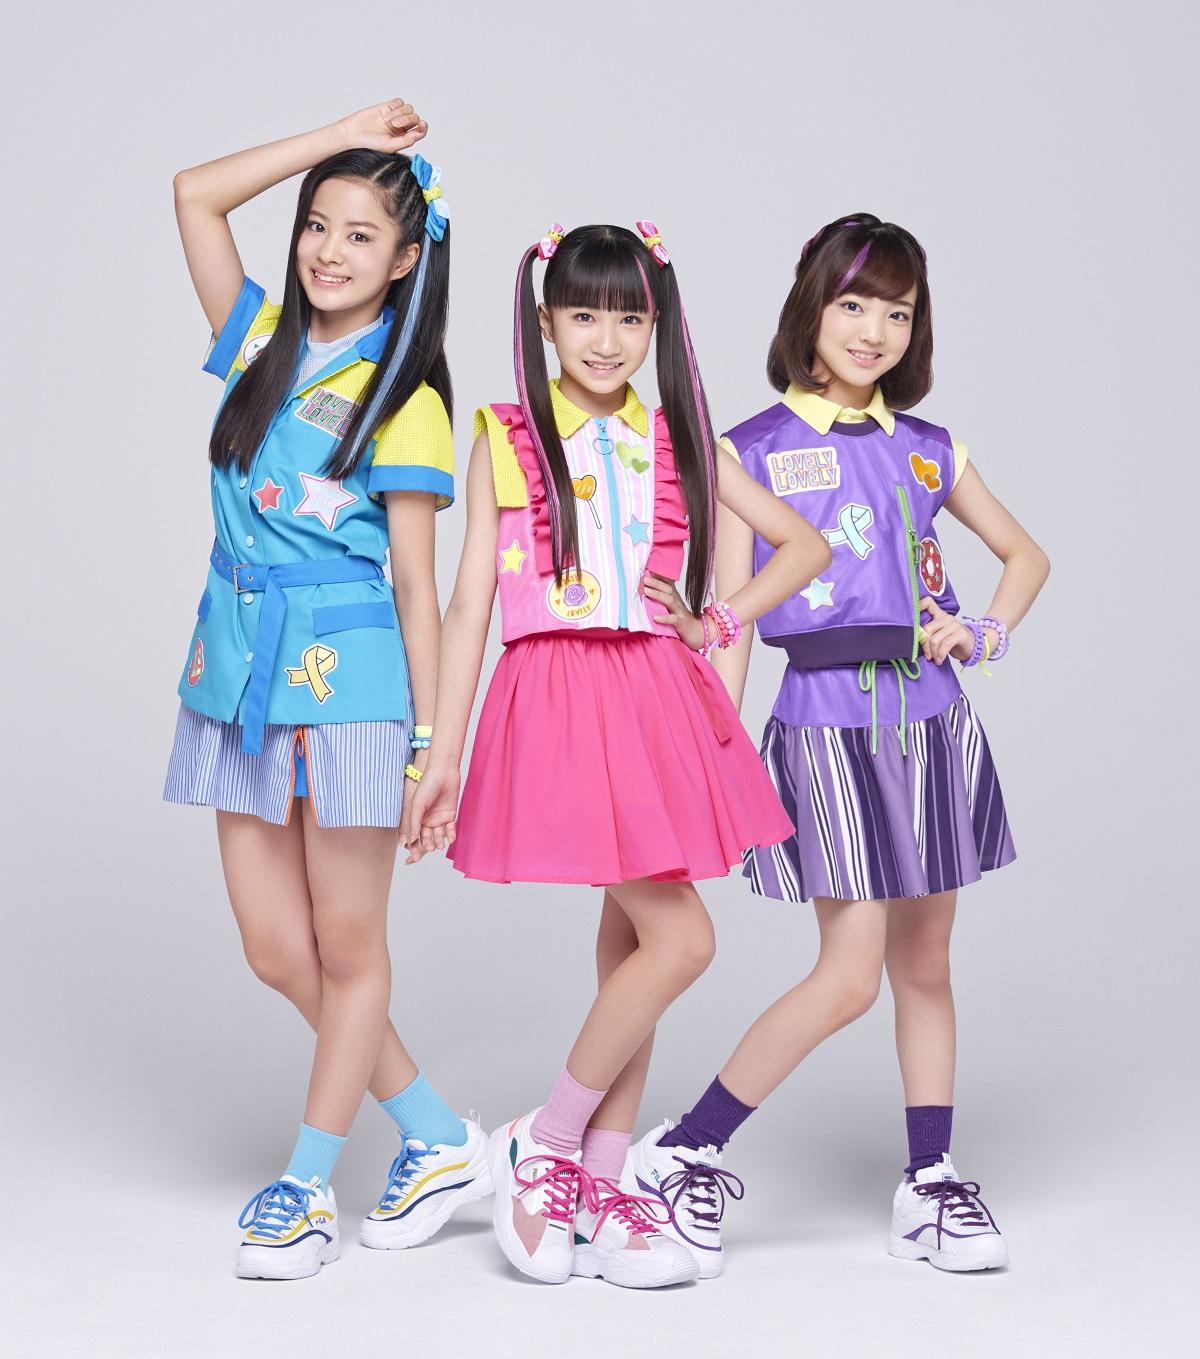 ガールズグループlovely2、デビューシングル「〇×△~まるばつさんかく~」MVが解禁サムネイル画像